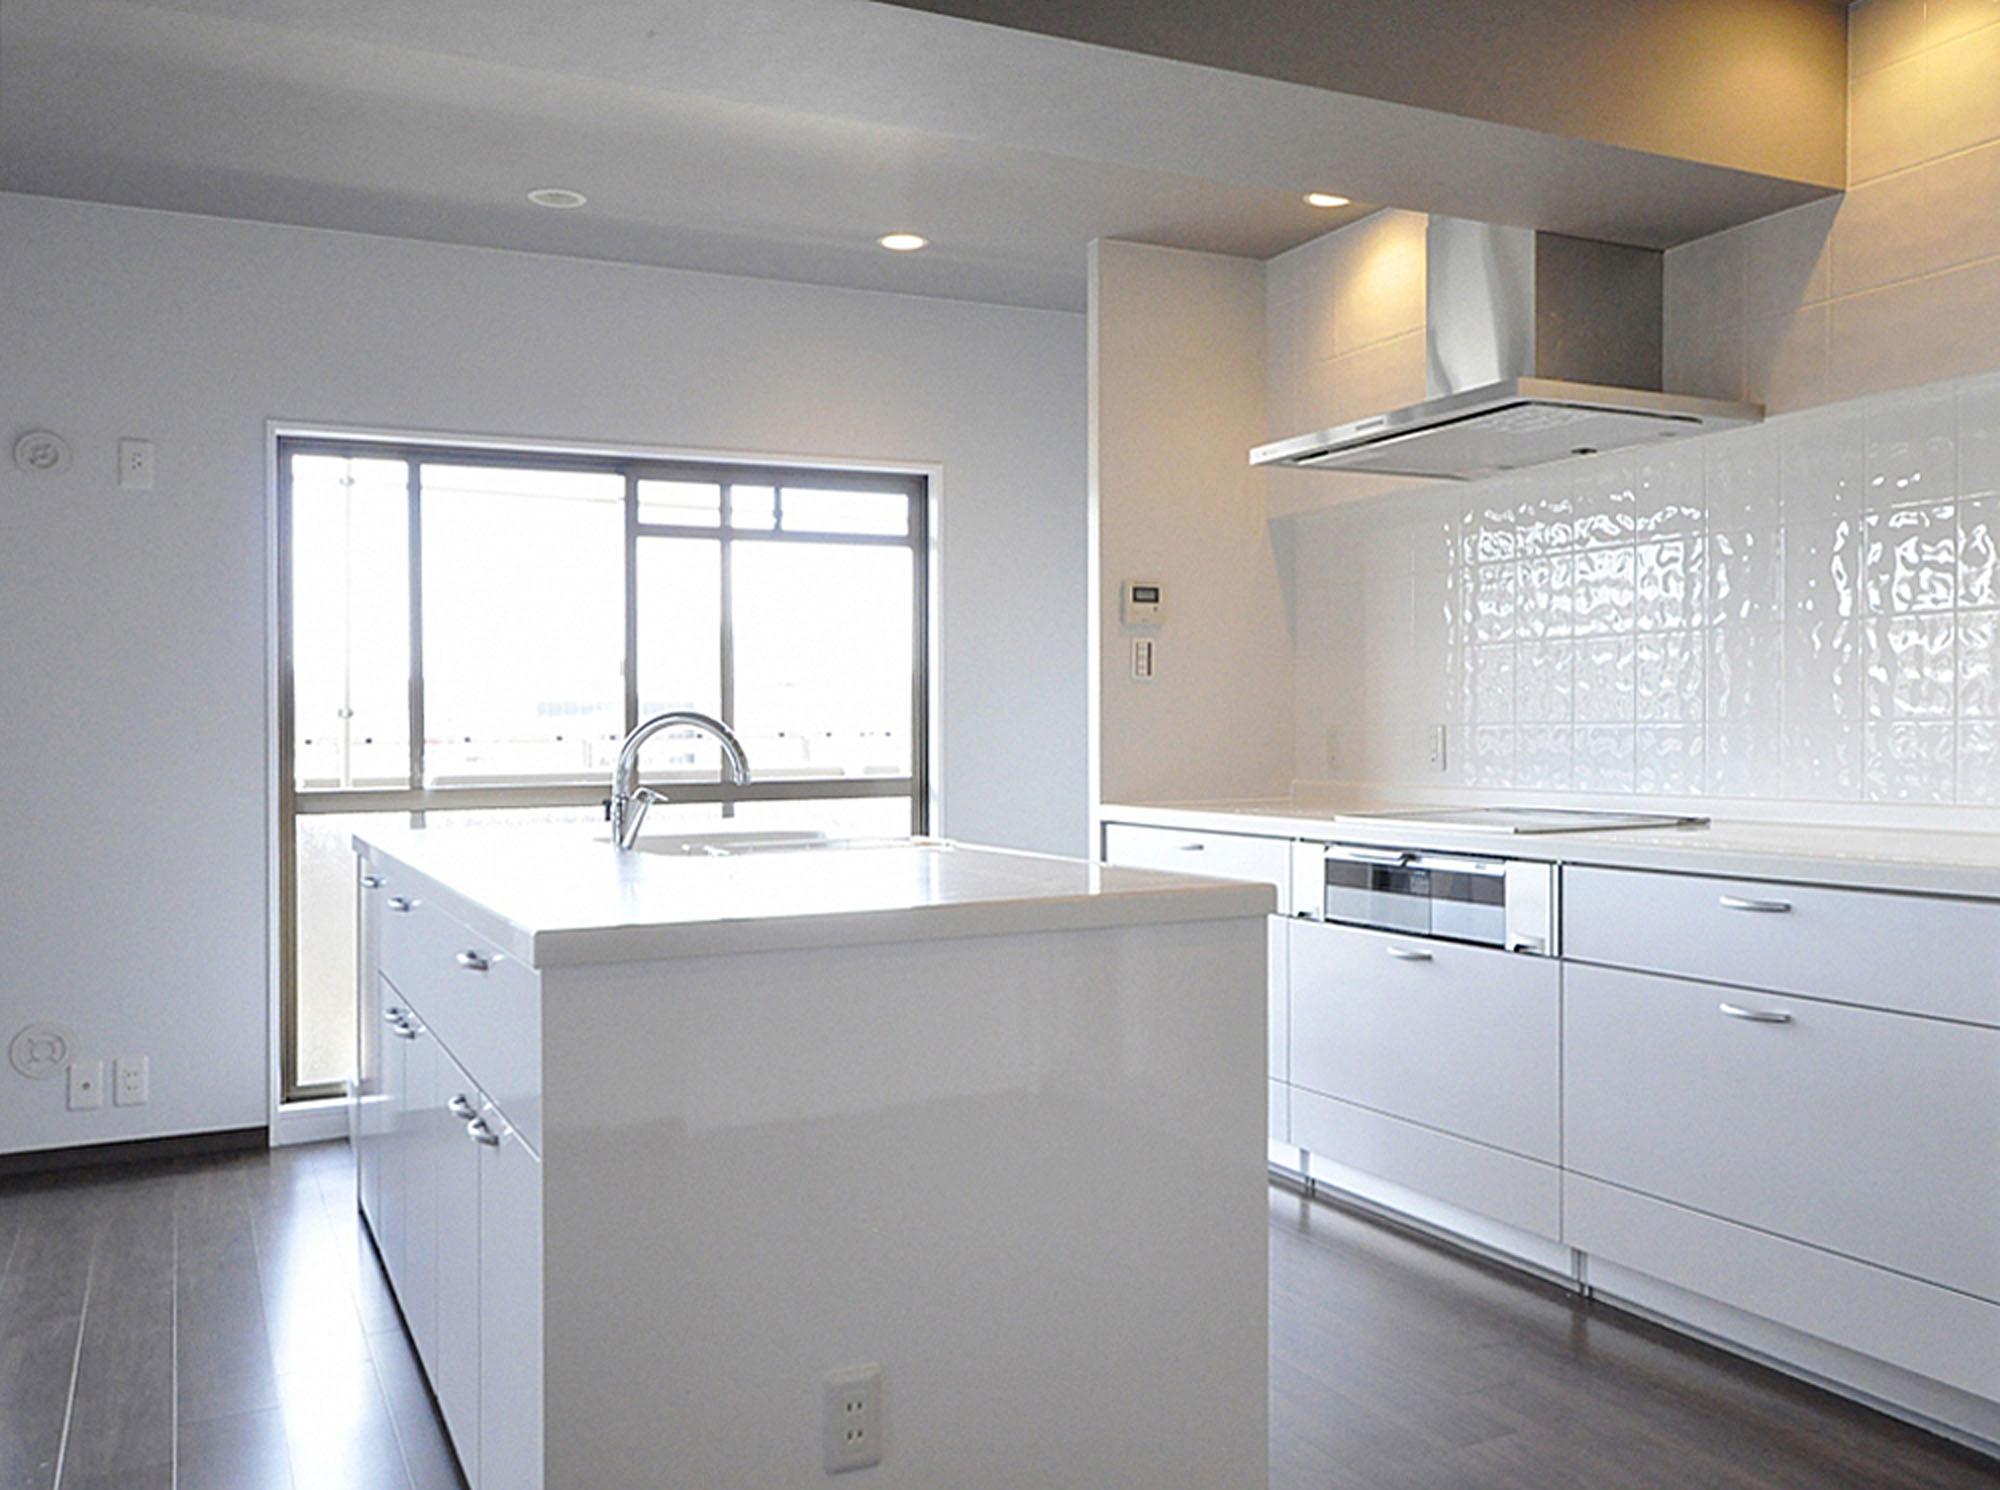 対面式のアイランド 型のキッチン。の写真